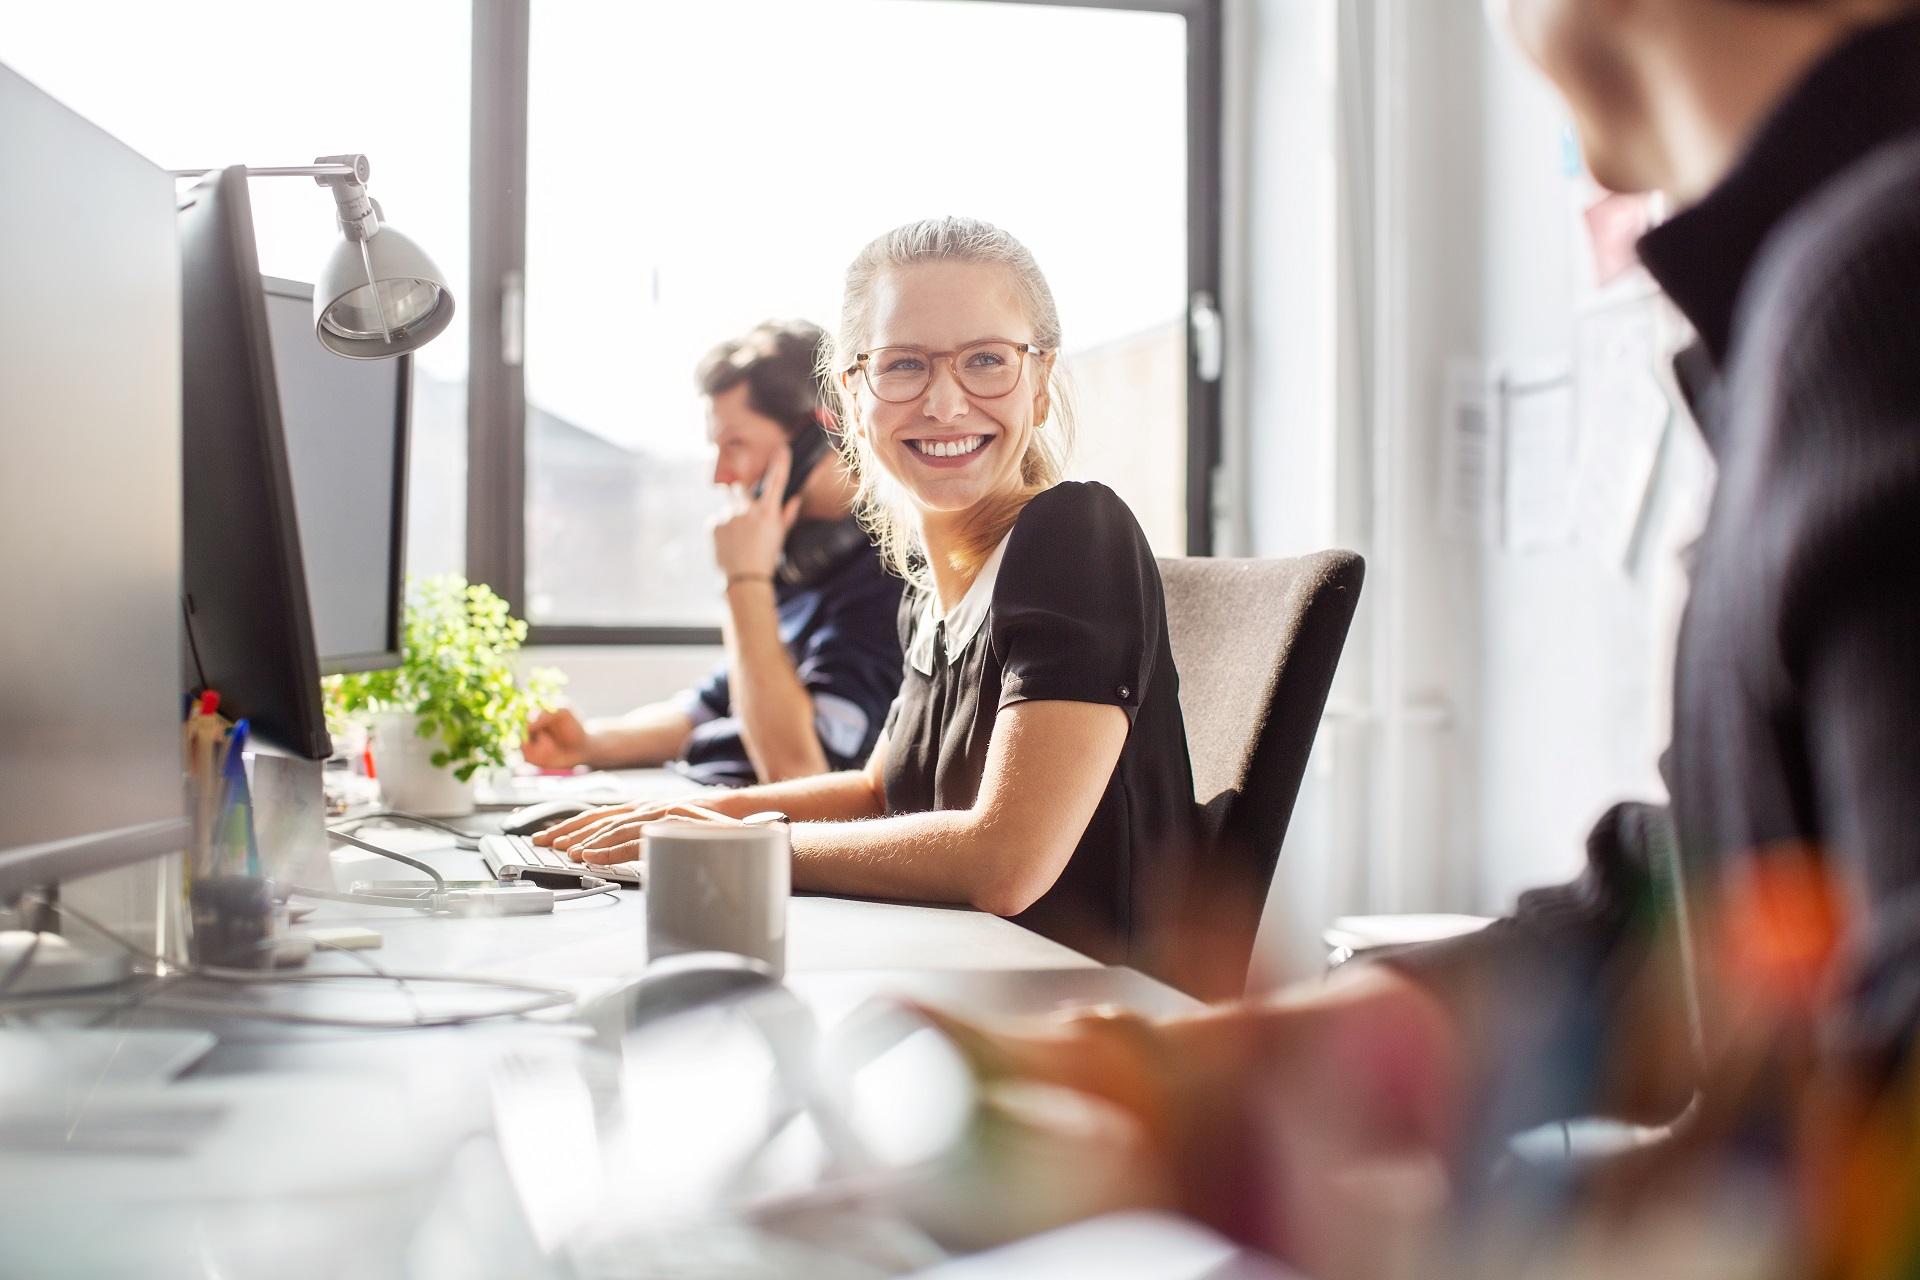 Frau arbeitet mit ihren Kollegen im Büro - Die Bätza Köster GmbH